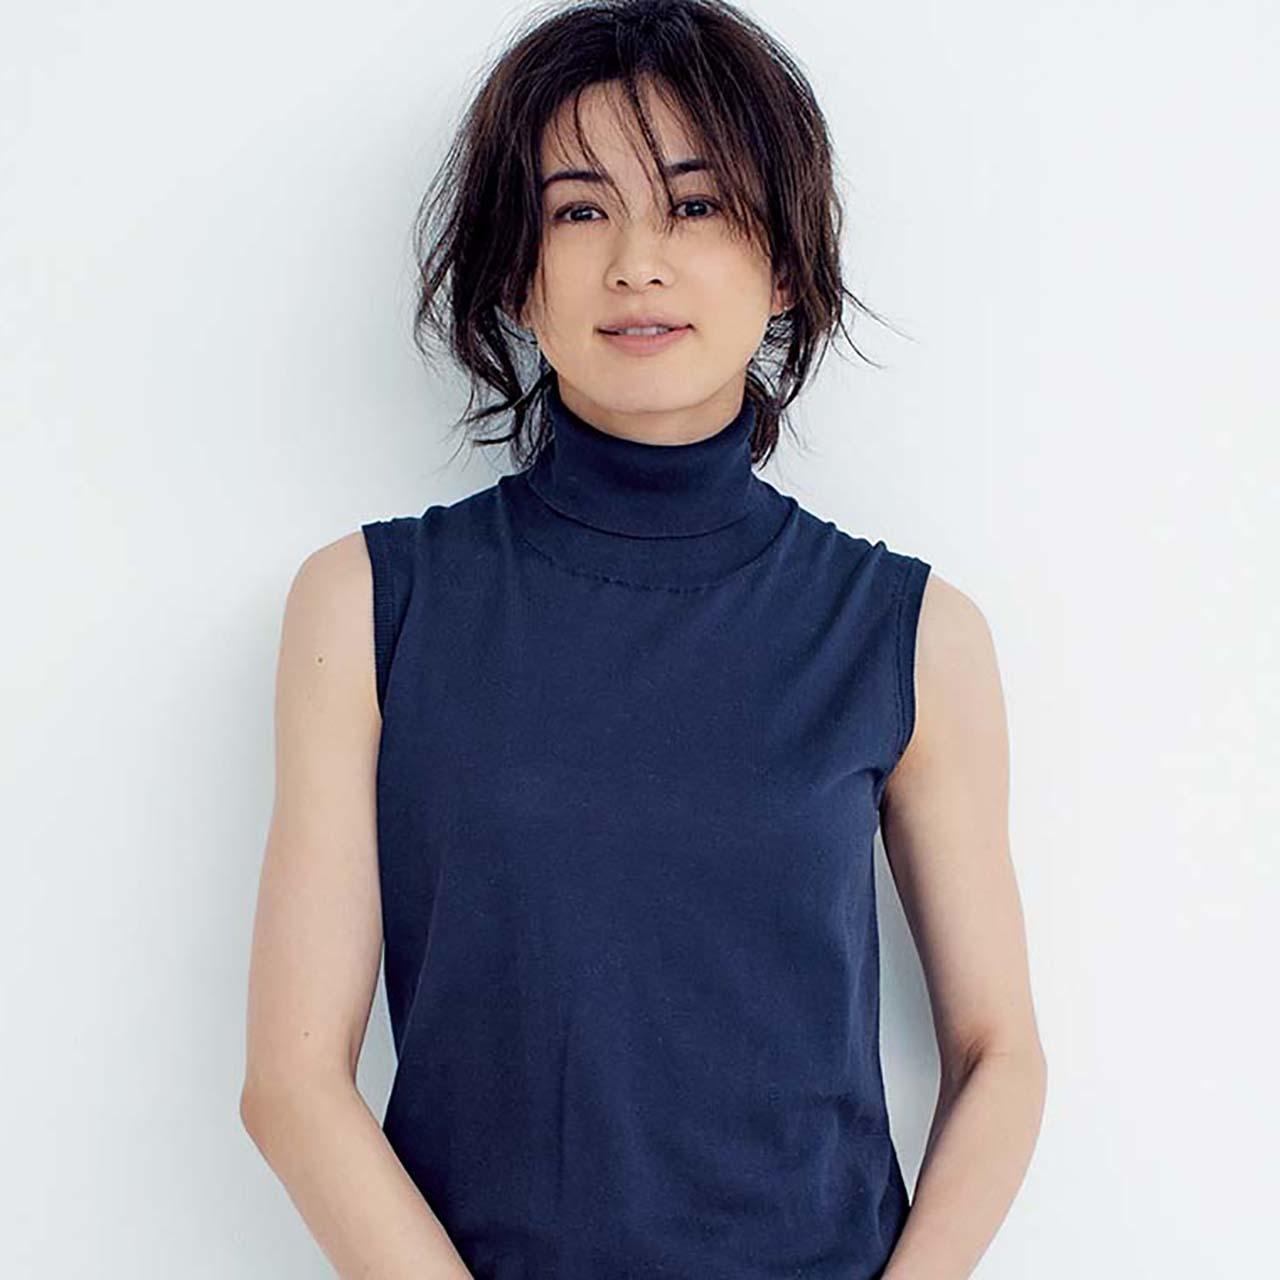 ノースリーブニットを着たモデルの高垣麗子さん